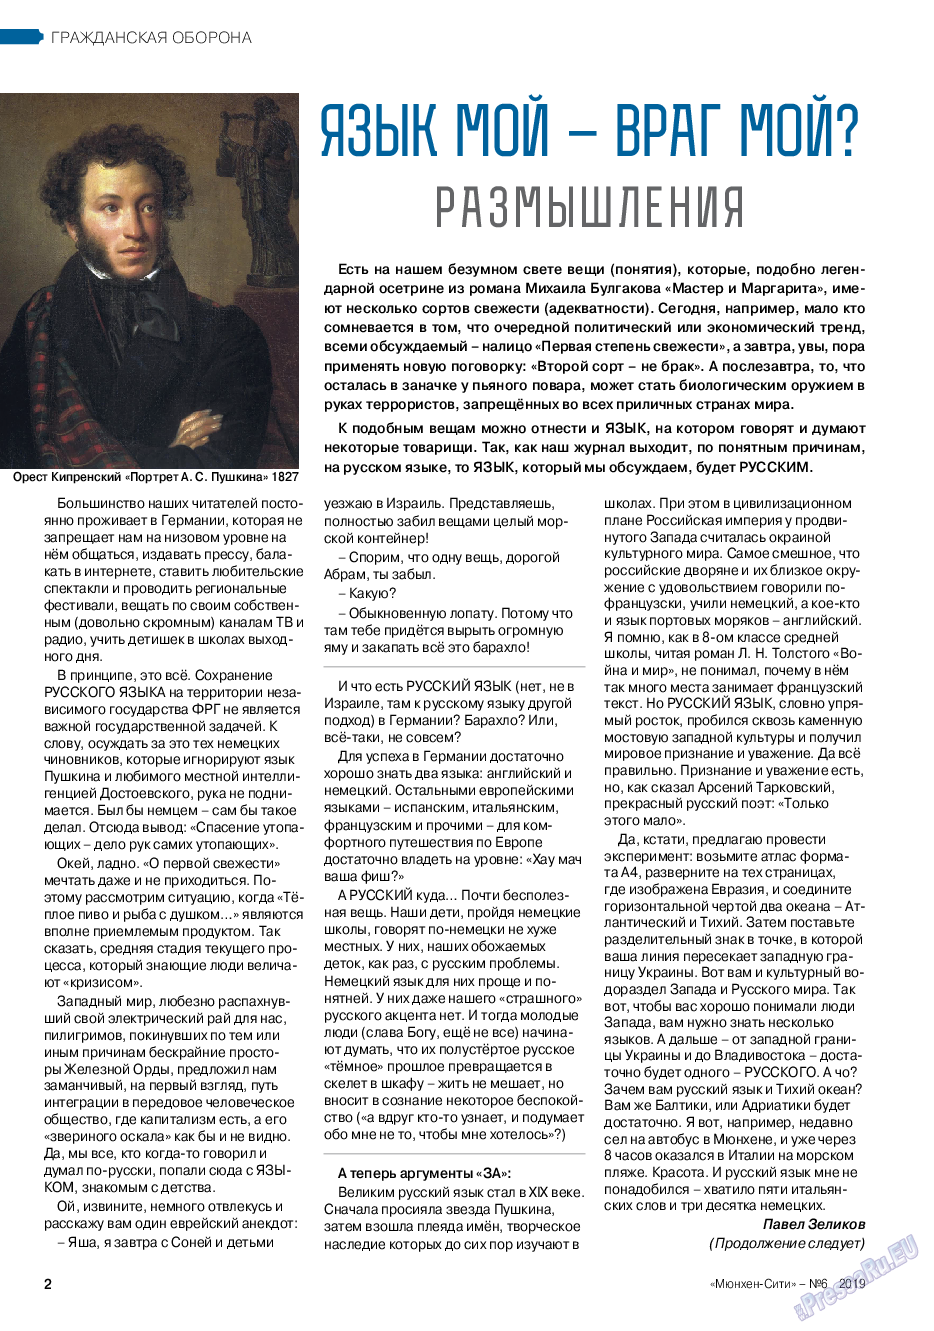 Мюнхен-сити (журнал). 2019 год, номер 94, стр. 2